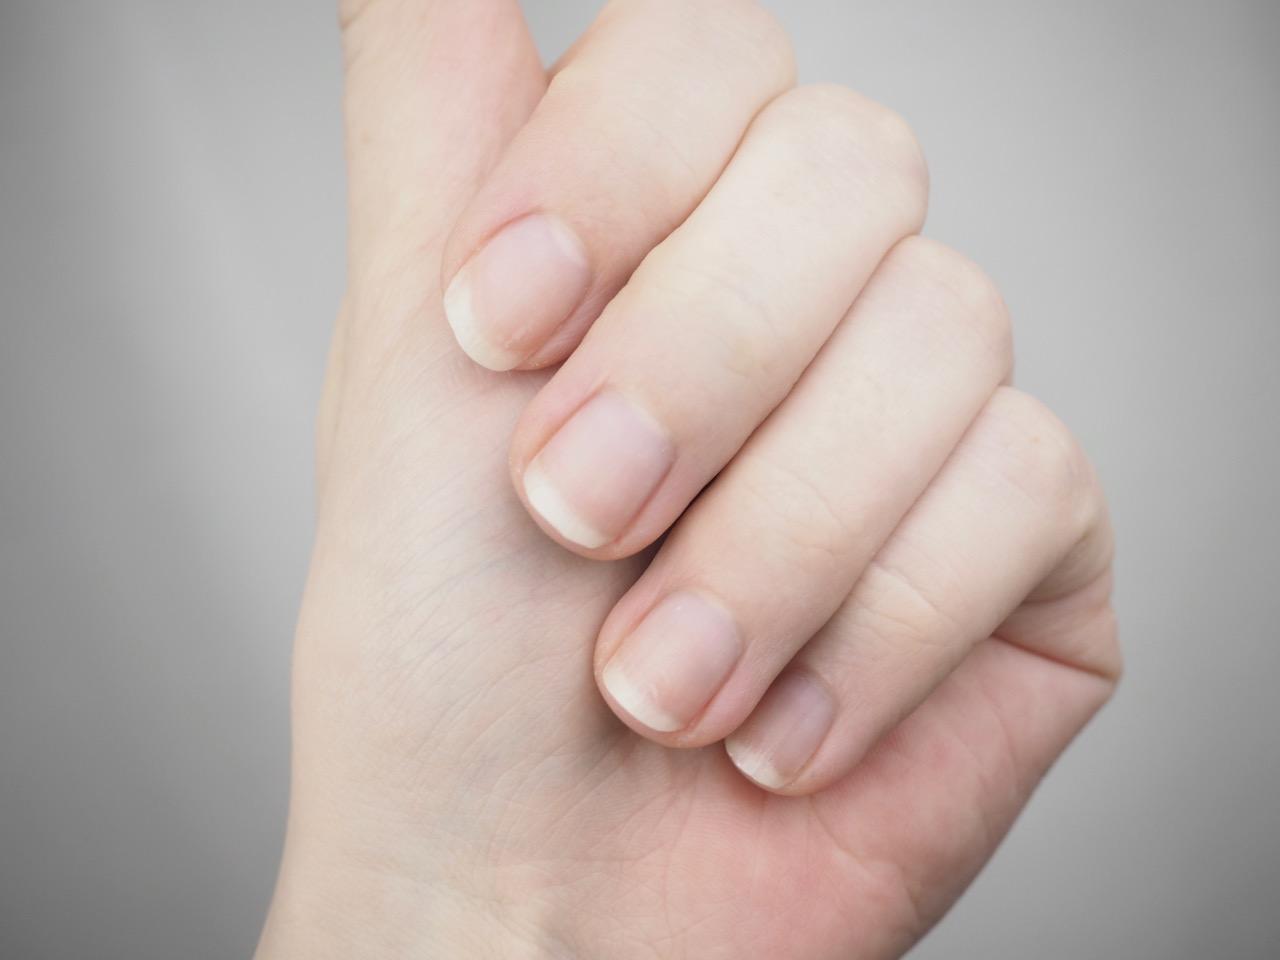 Essence Strong & Clean Nailpolish Remover kynsilakanpoistoaine kokemuksia Ostolakossa